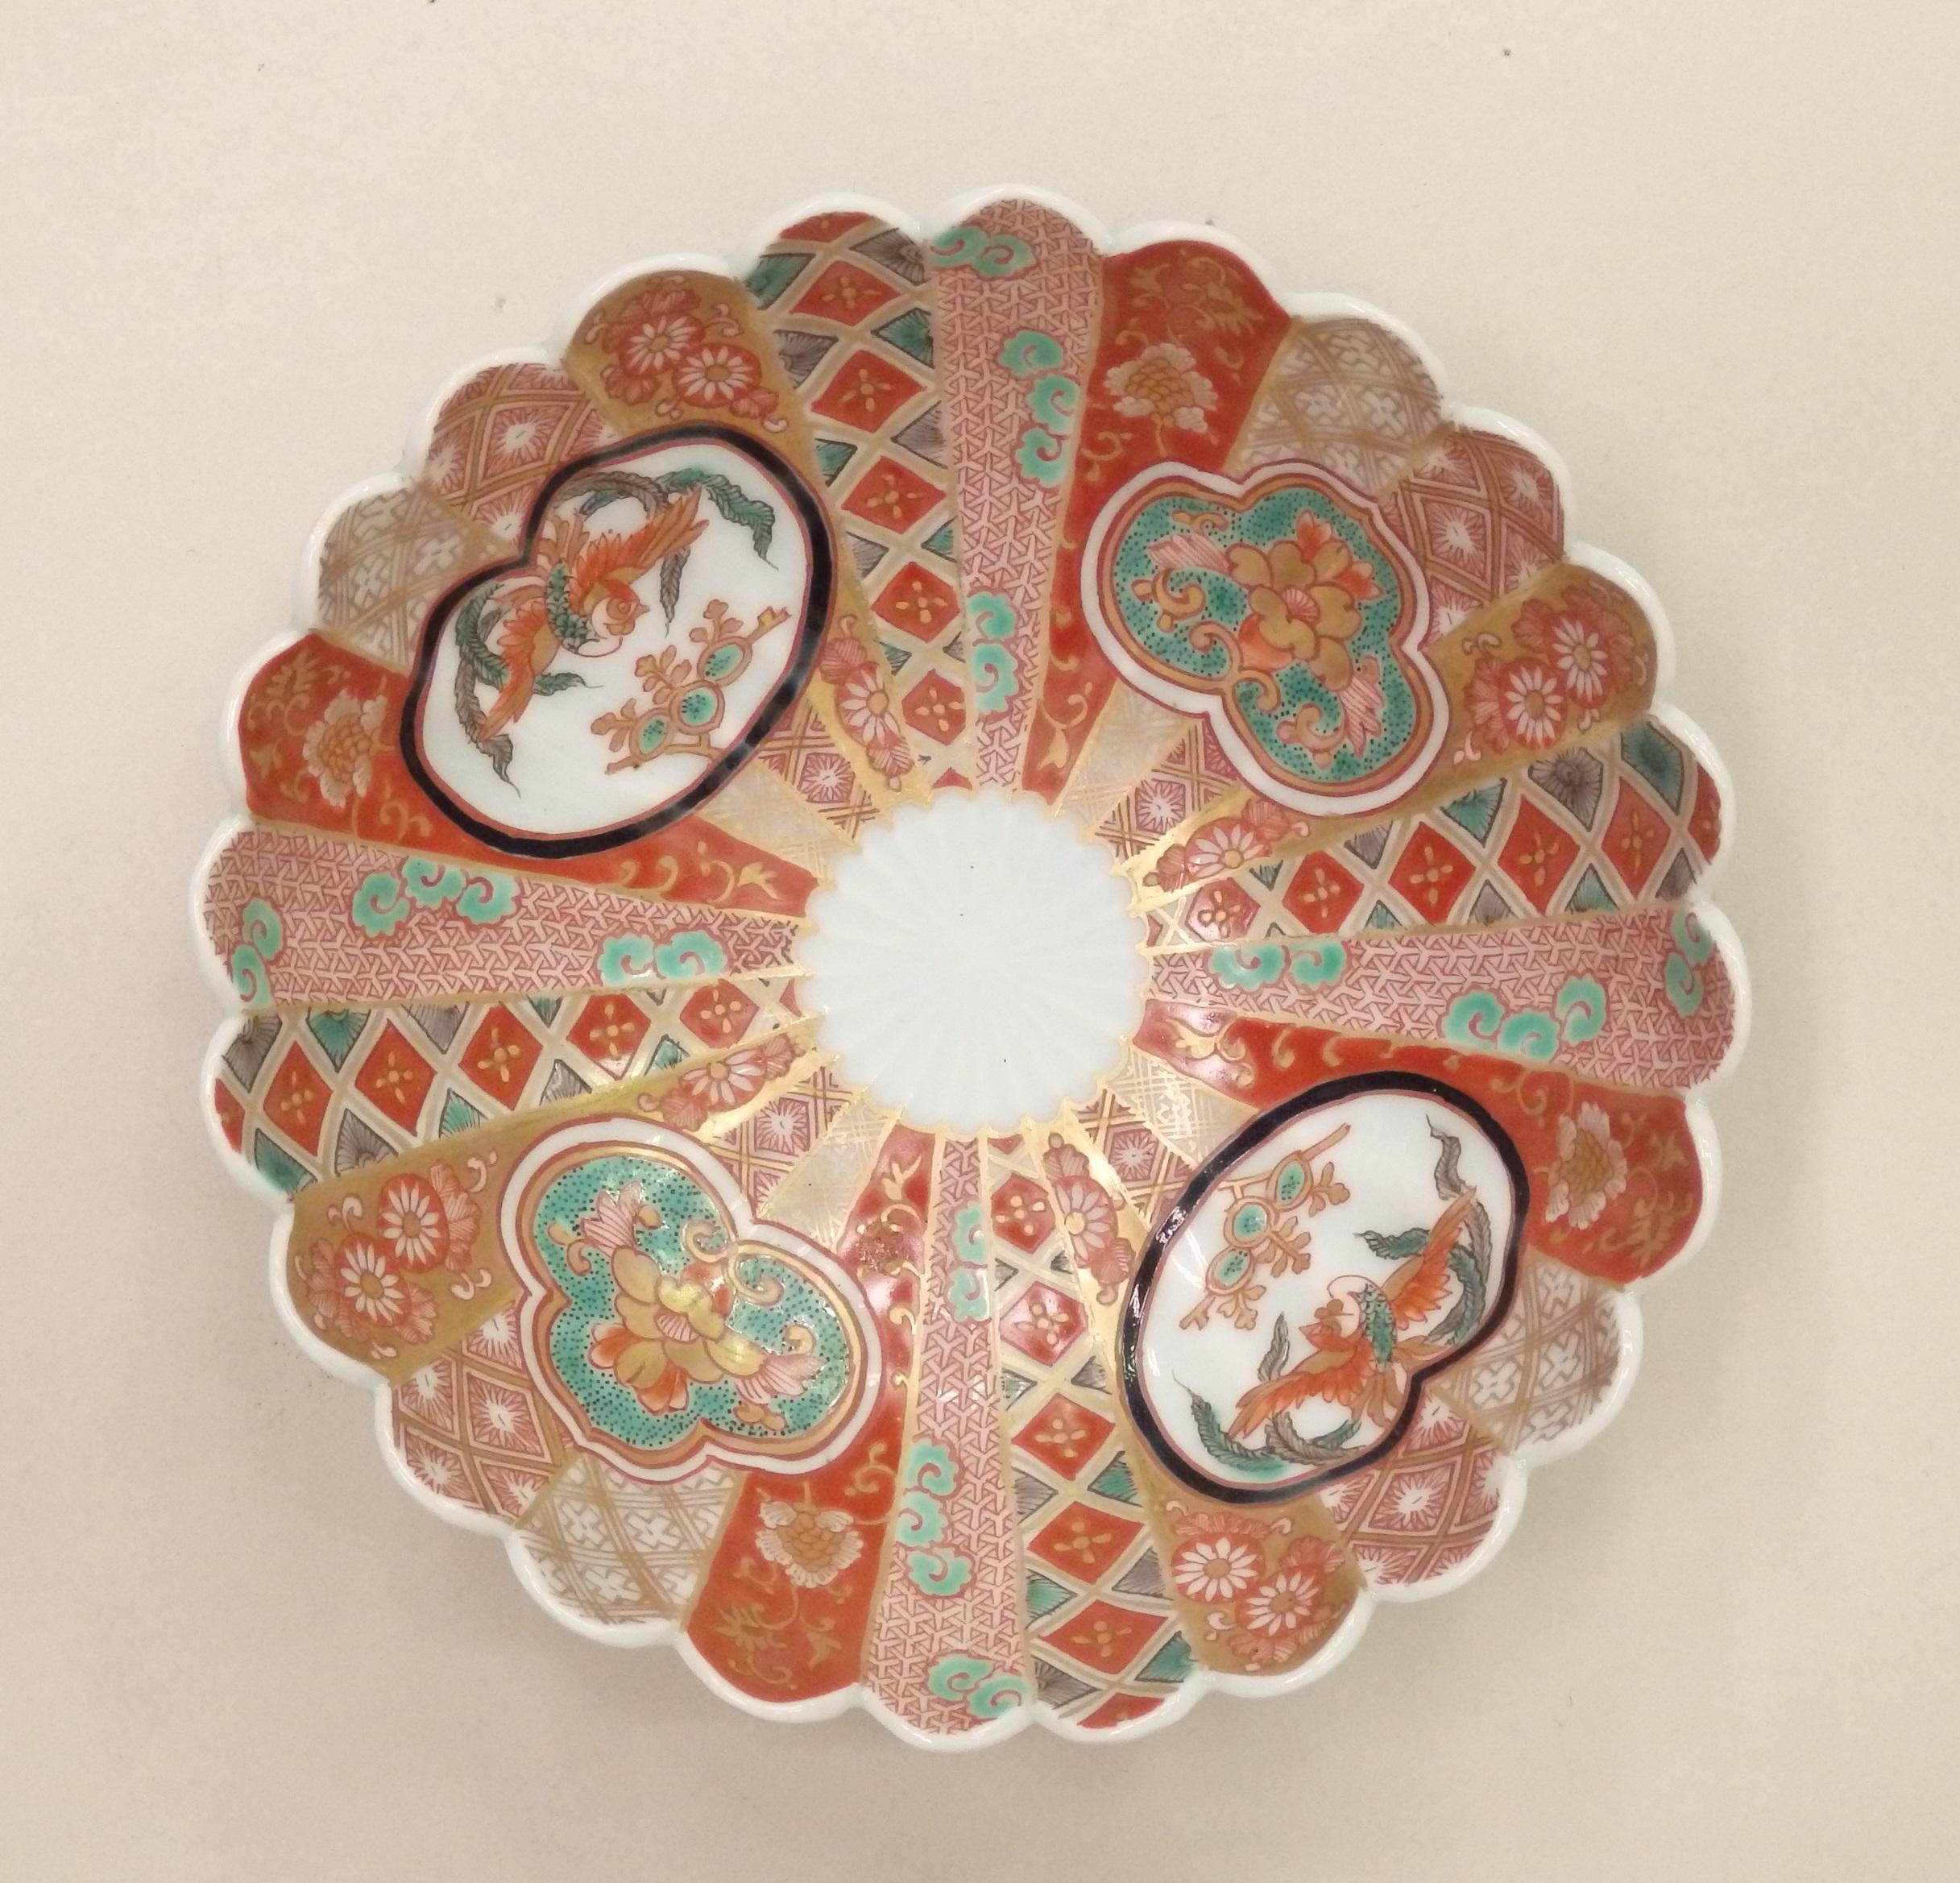 色絵 地詰鳳凰文 菊花鉢(山川登美子記念館所蔵)